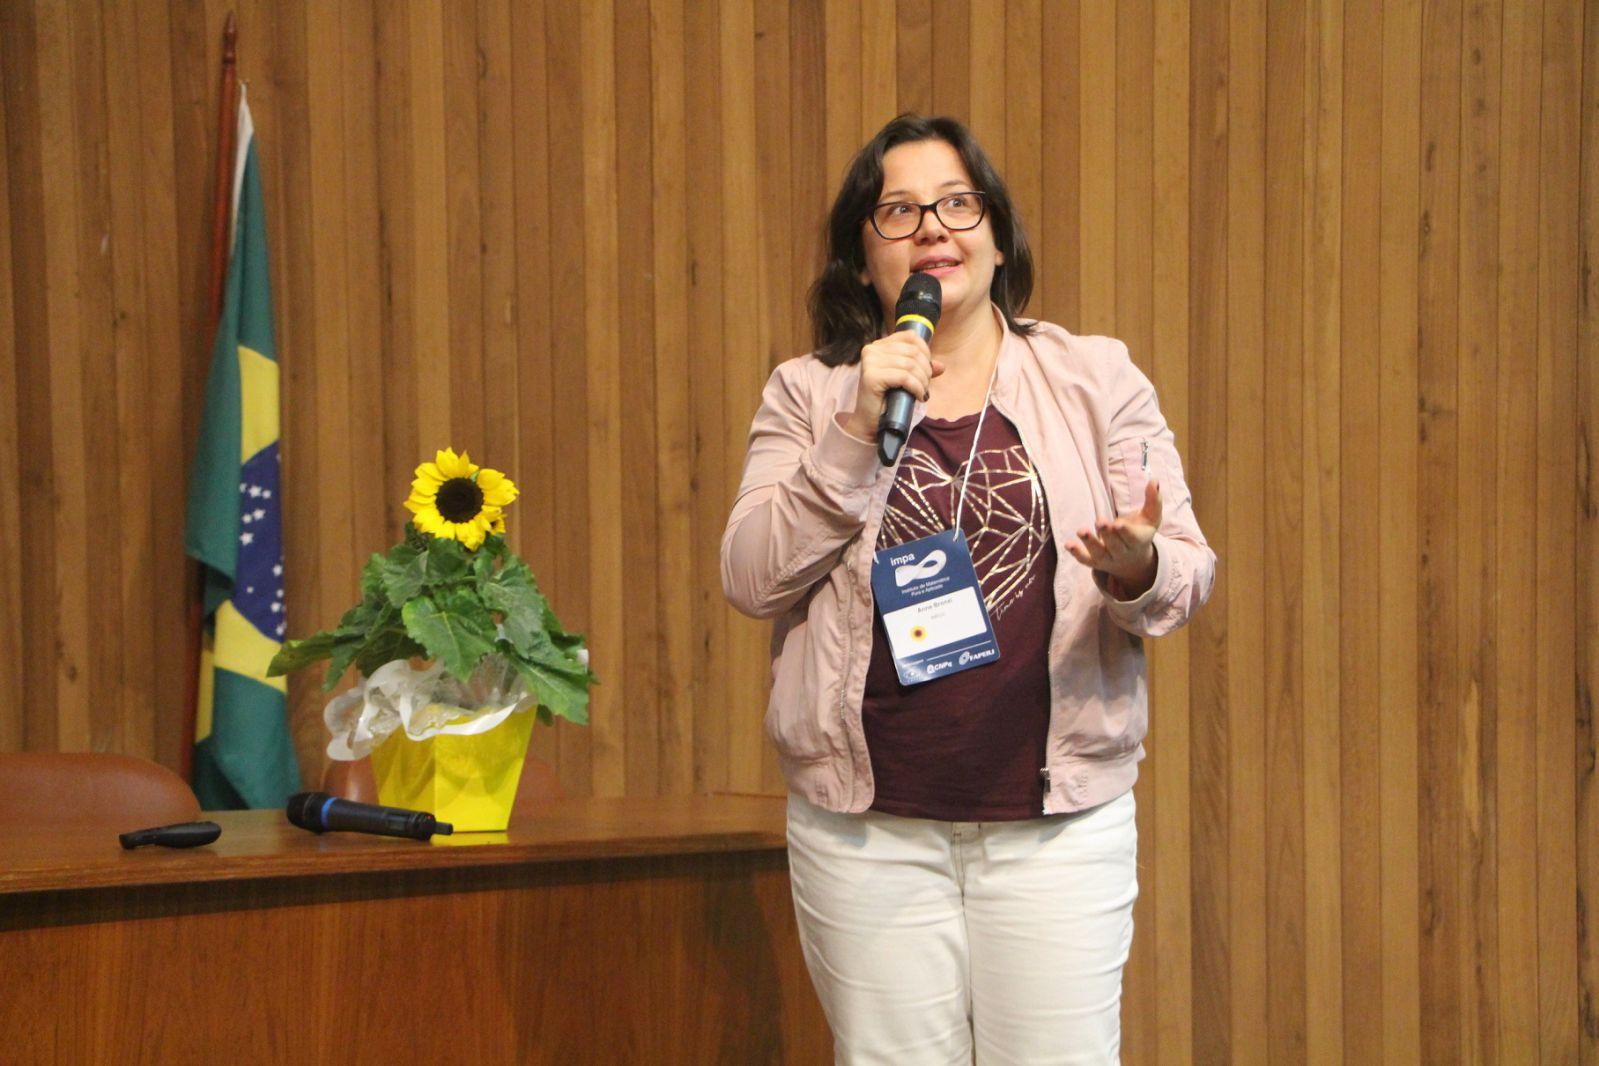 Anne Caroline Bronzi é matemática e uma das organizadoras do projeto Meninas SuperCientistas | Foto: Divulgação IMPA